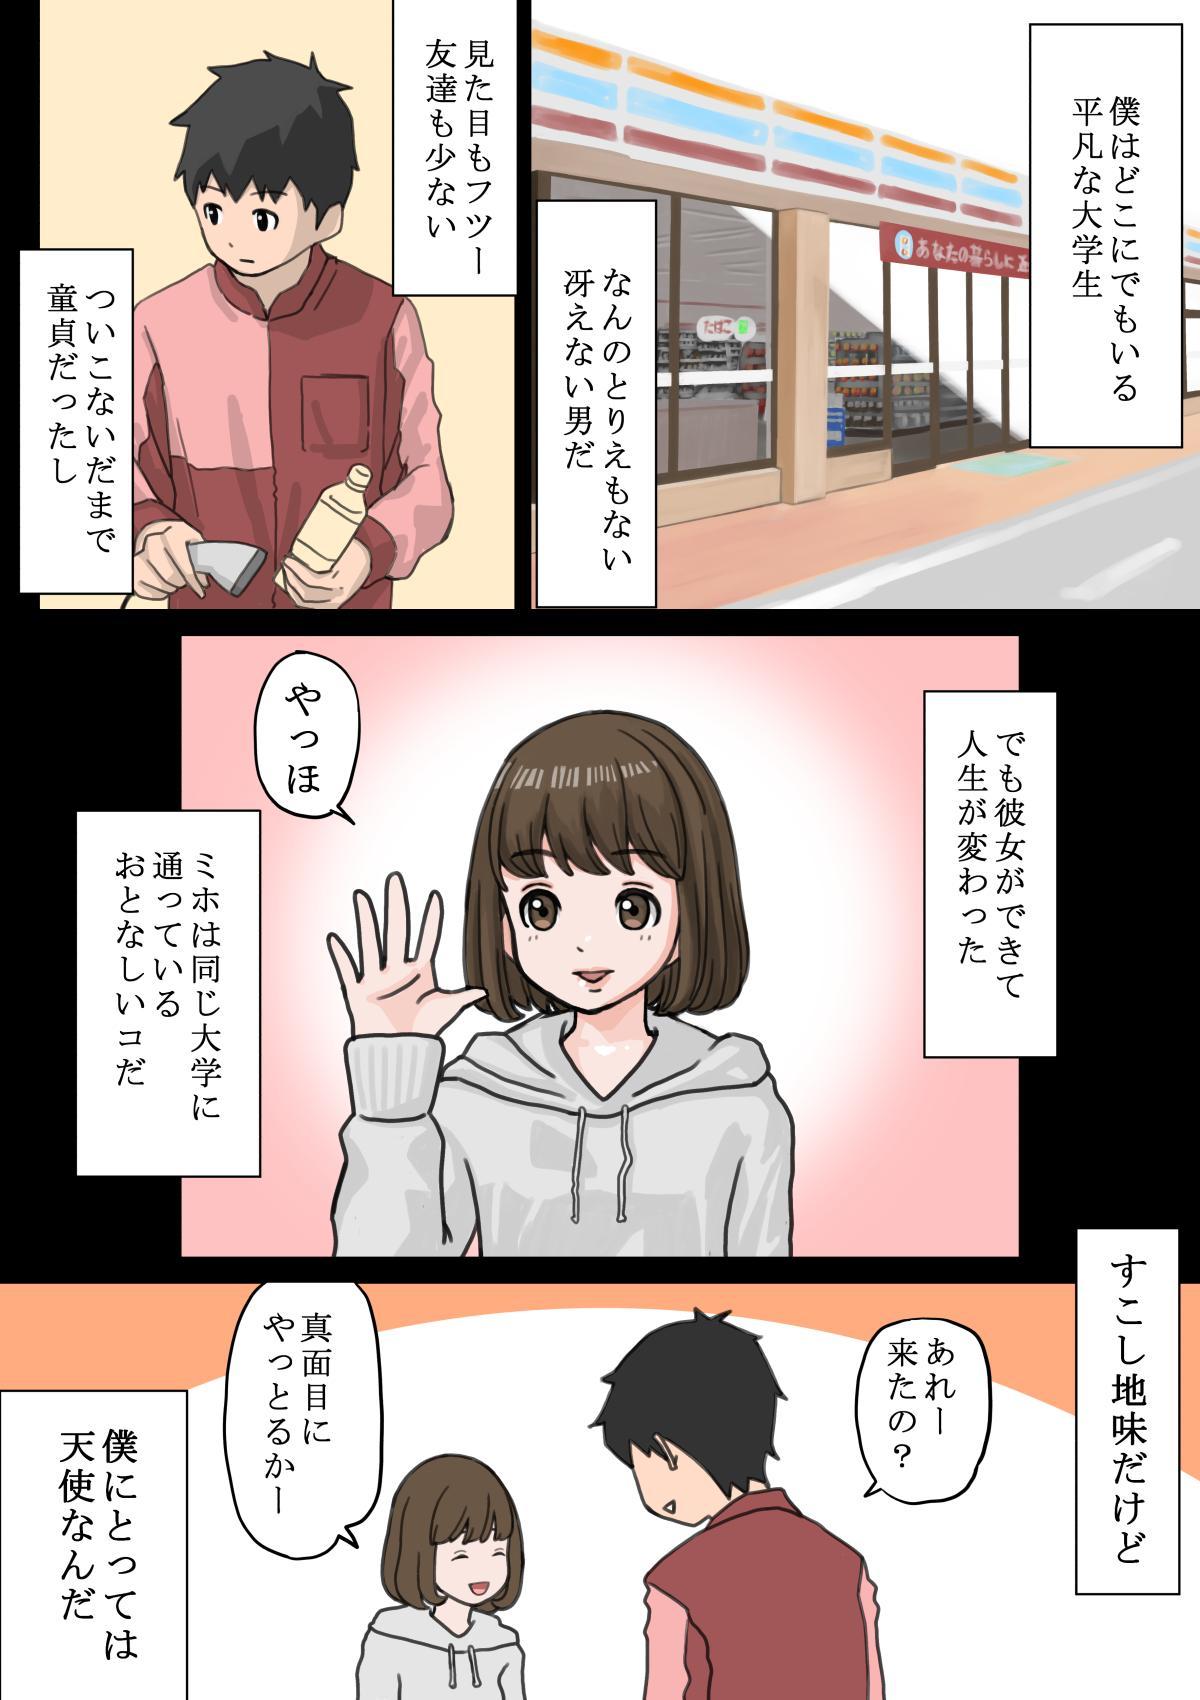 Beit Saki no Charai Kouhai ni Kanojo o Netorareta Hanashi 3